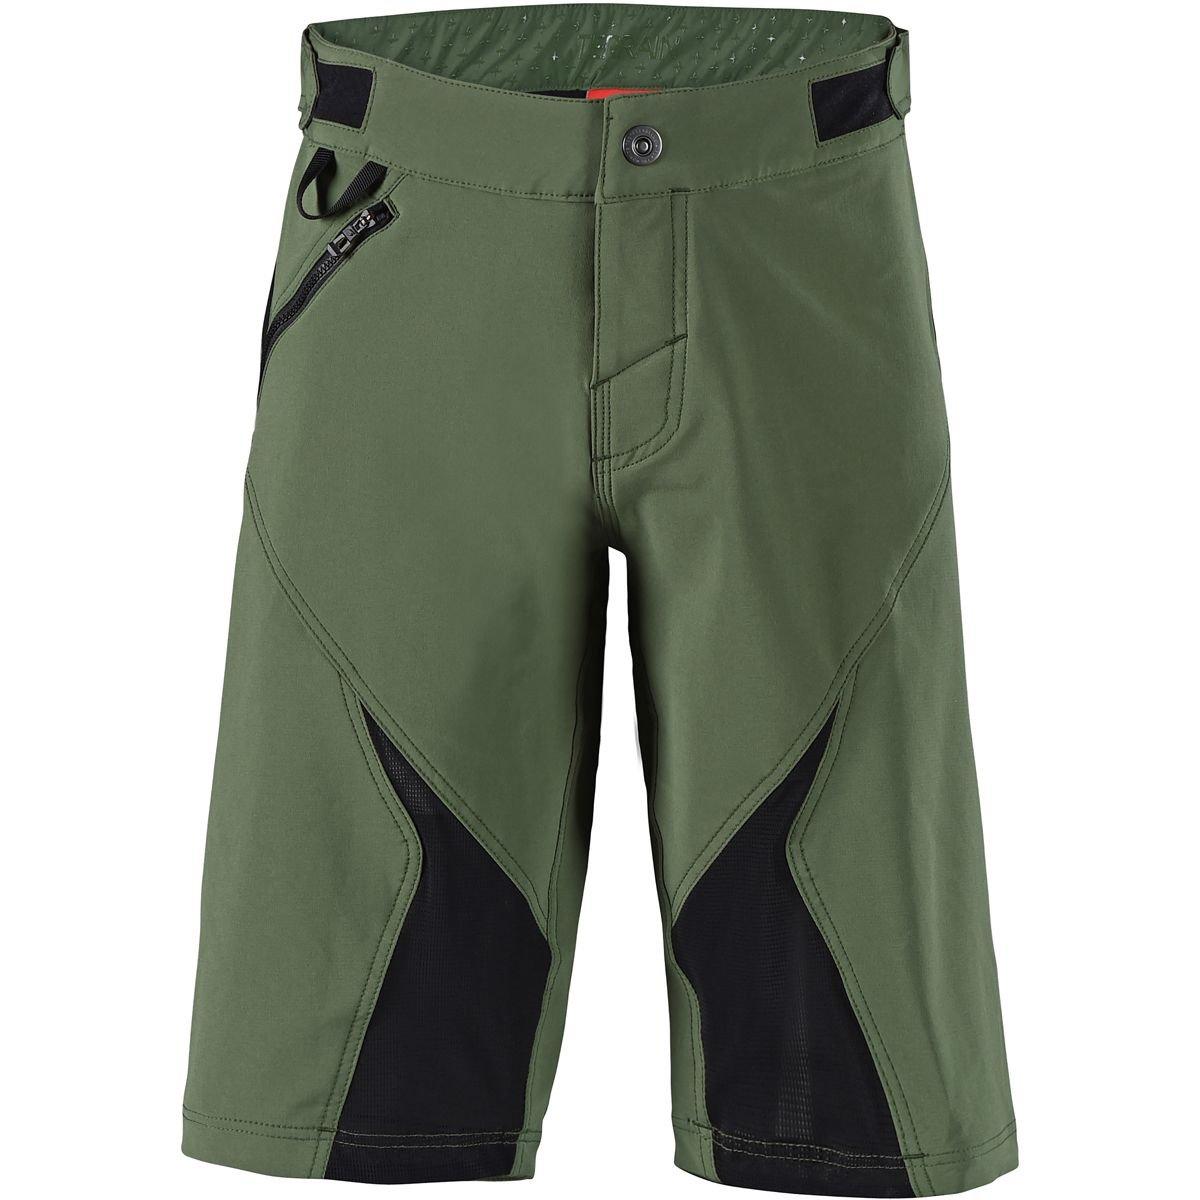 Troy Lee Designs地形Short B079M74R7Q 34|Fatigue Green Fatigue Green 34